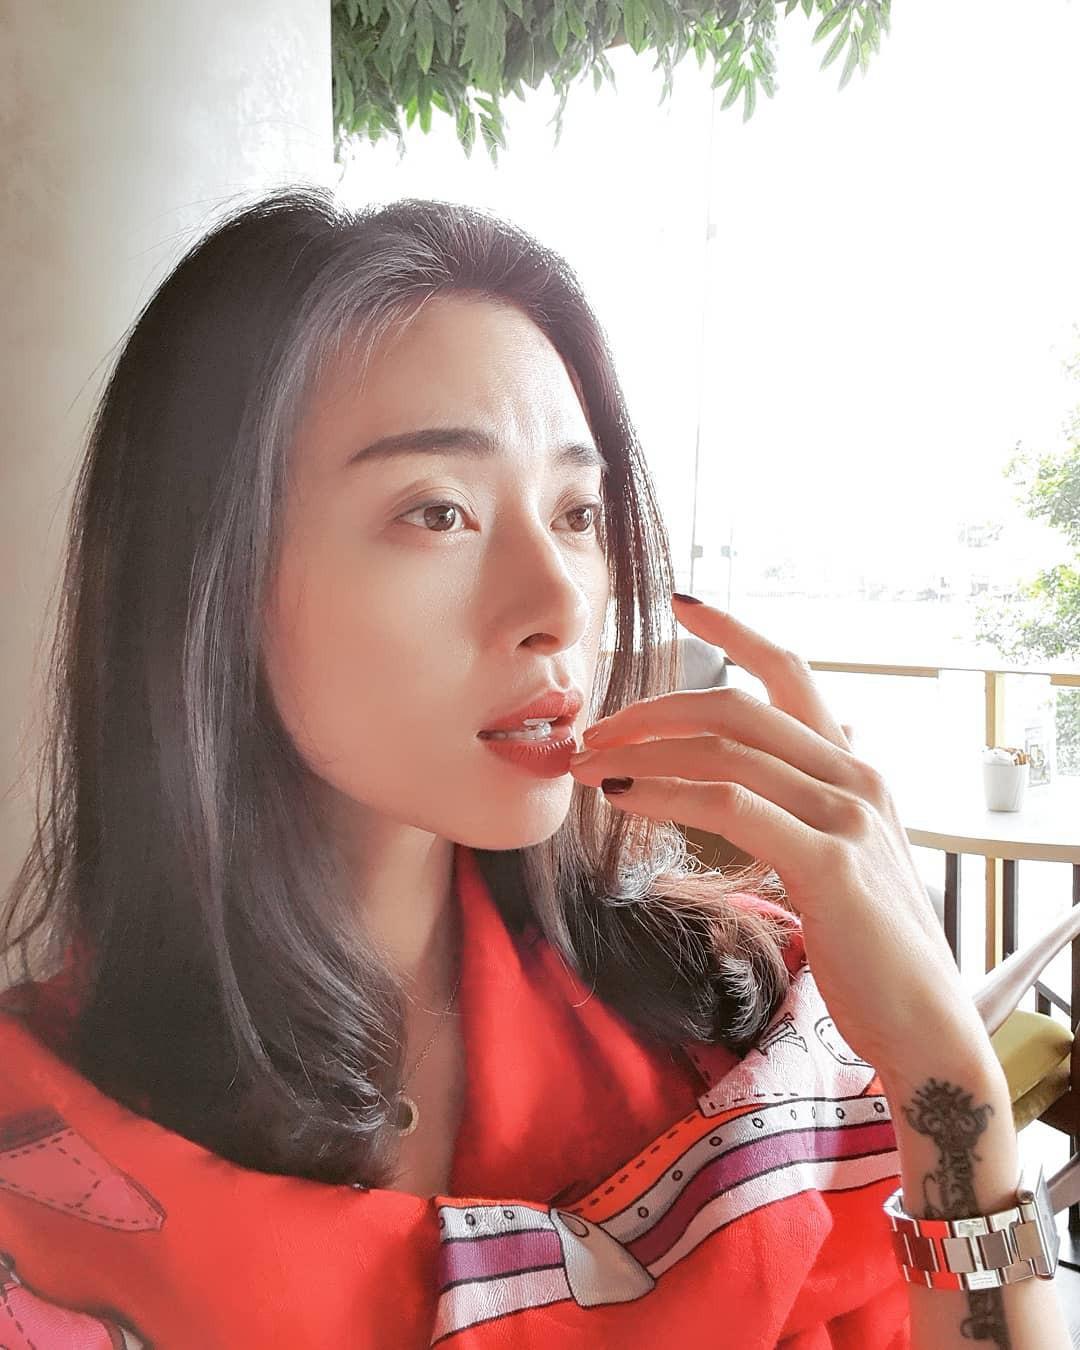 VZN News: Hà Tăng, Ngô Thanh Vân và Lan Khuê đều thăng hạng nhan sắc nhờ một kiểu tóc tươi trẻ và hết mực thanh lịch - Ảnh 14.